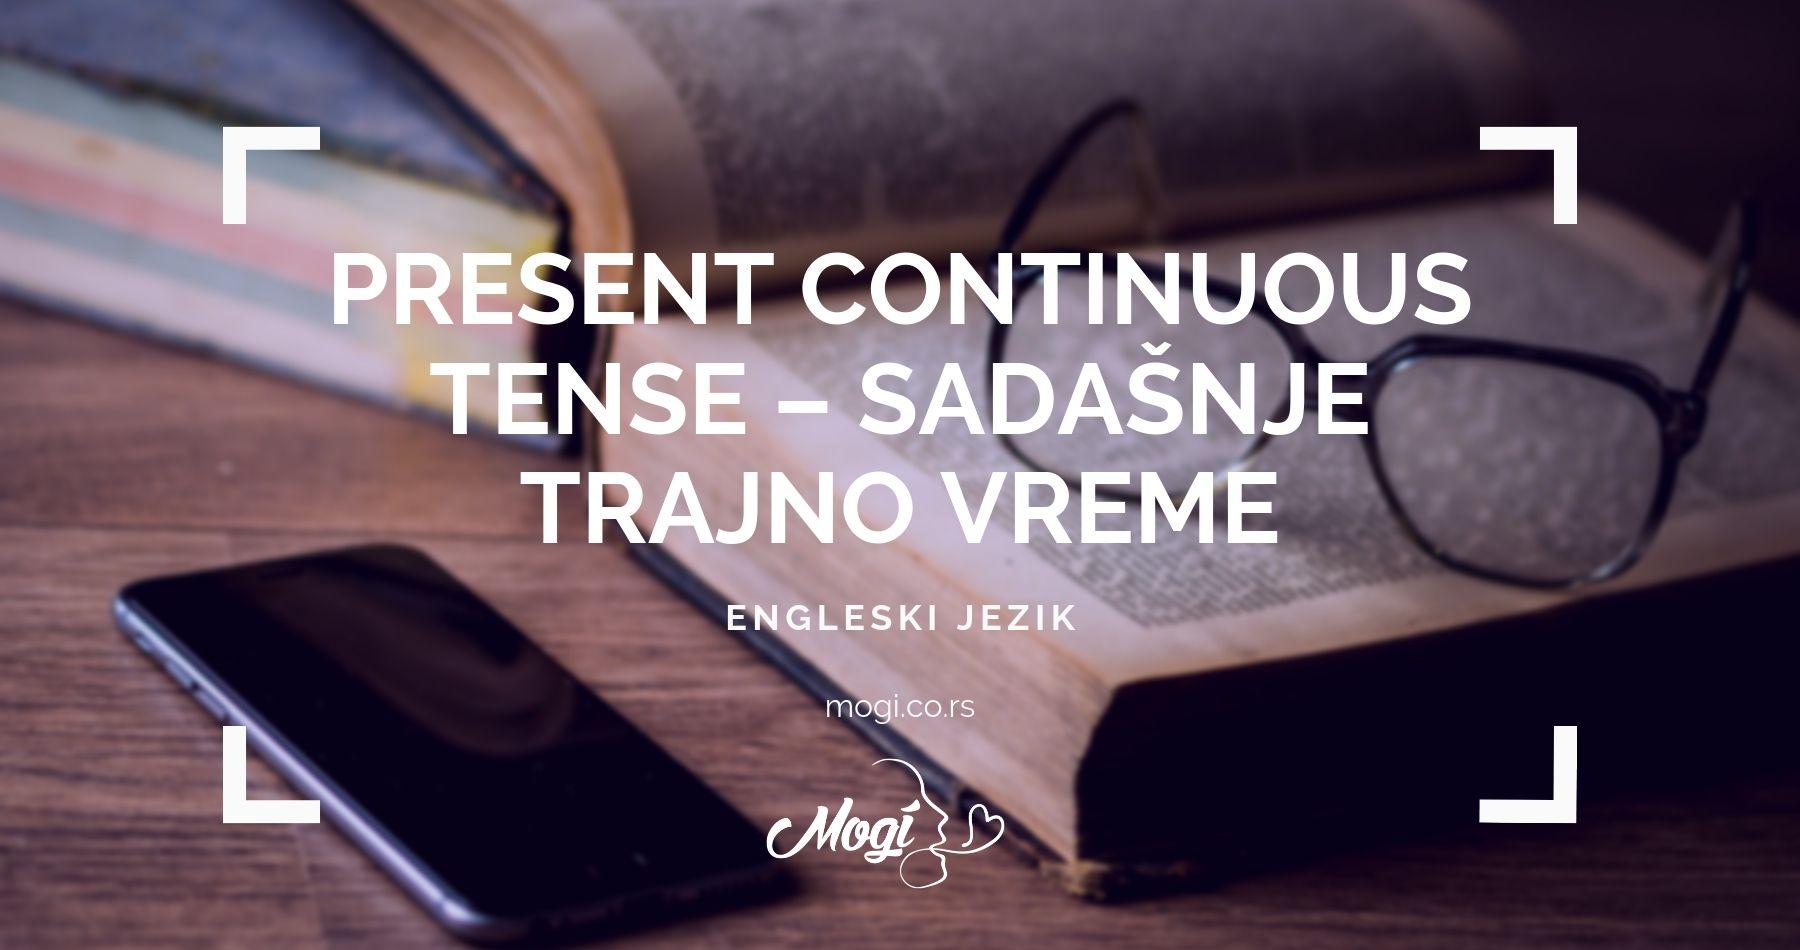 Sadašnje trajno vreme u engleskom jeziku, tekst na blogu škole za jezike Mogi Beograd